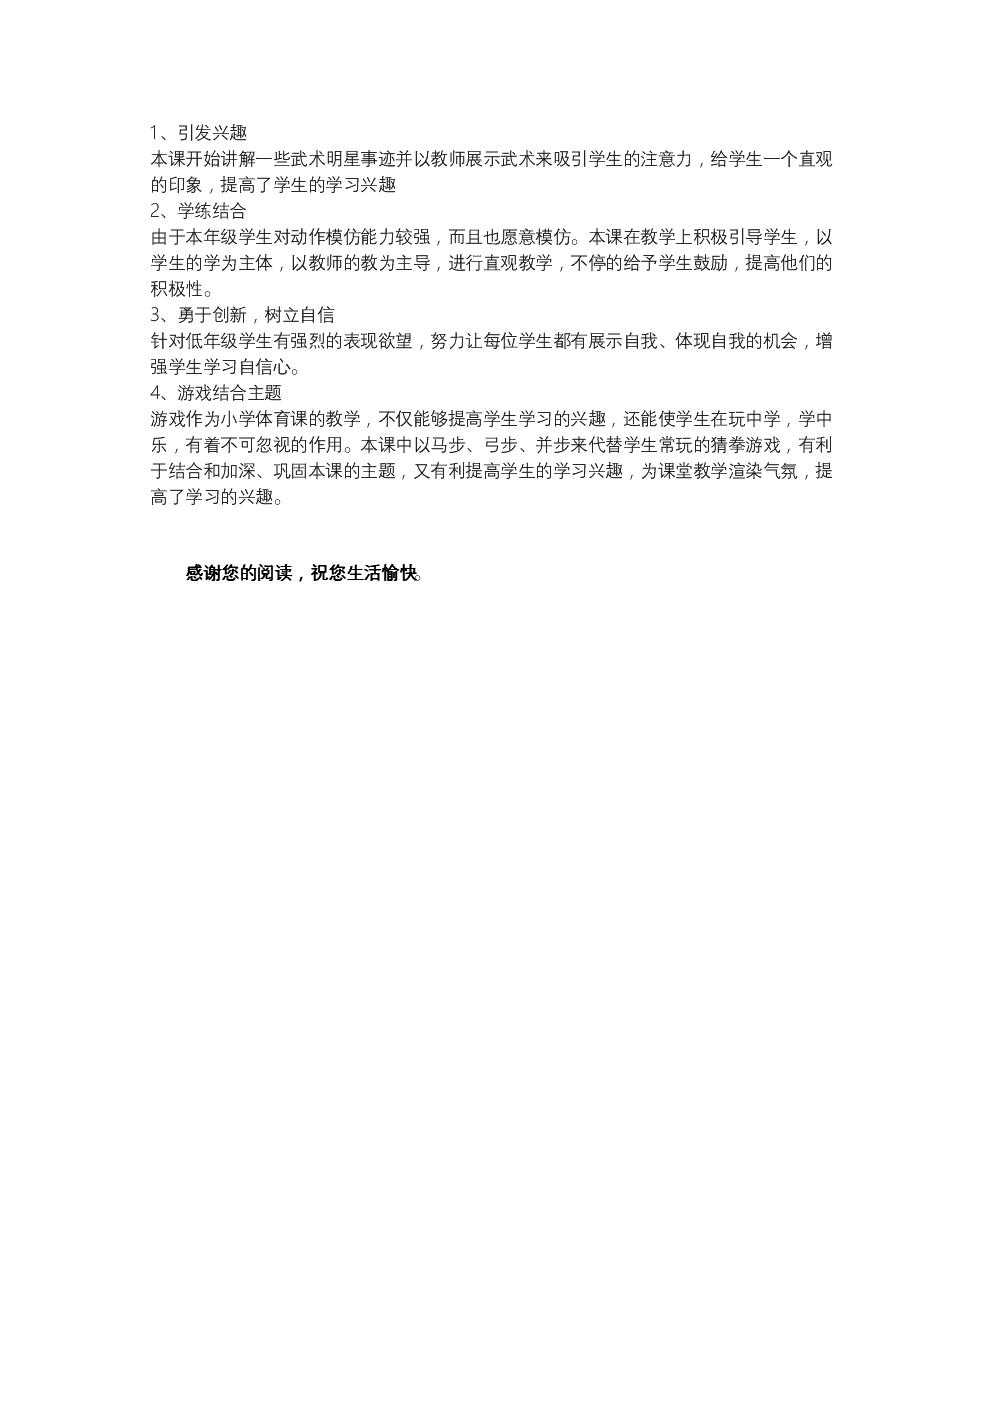 武术操:进阶练习.doc